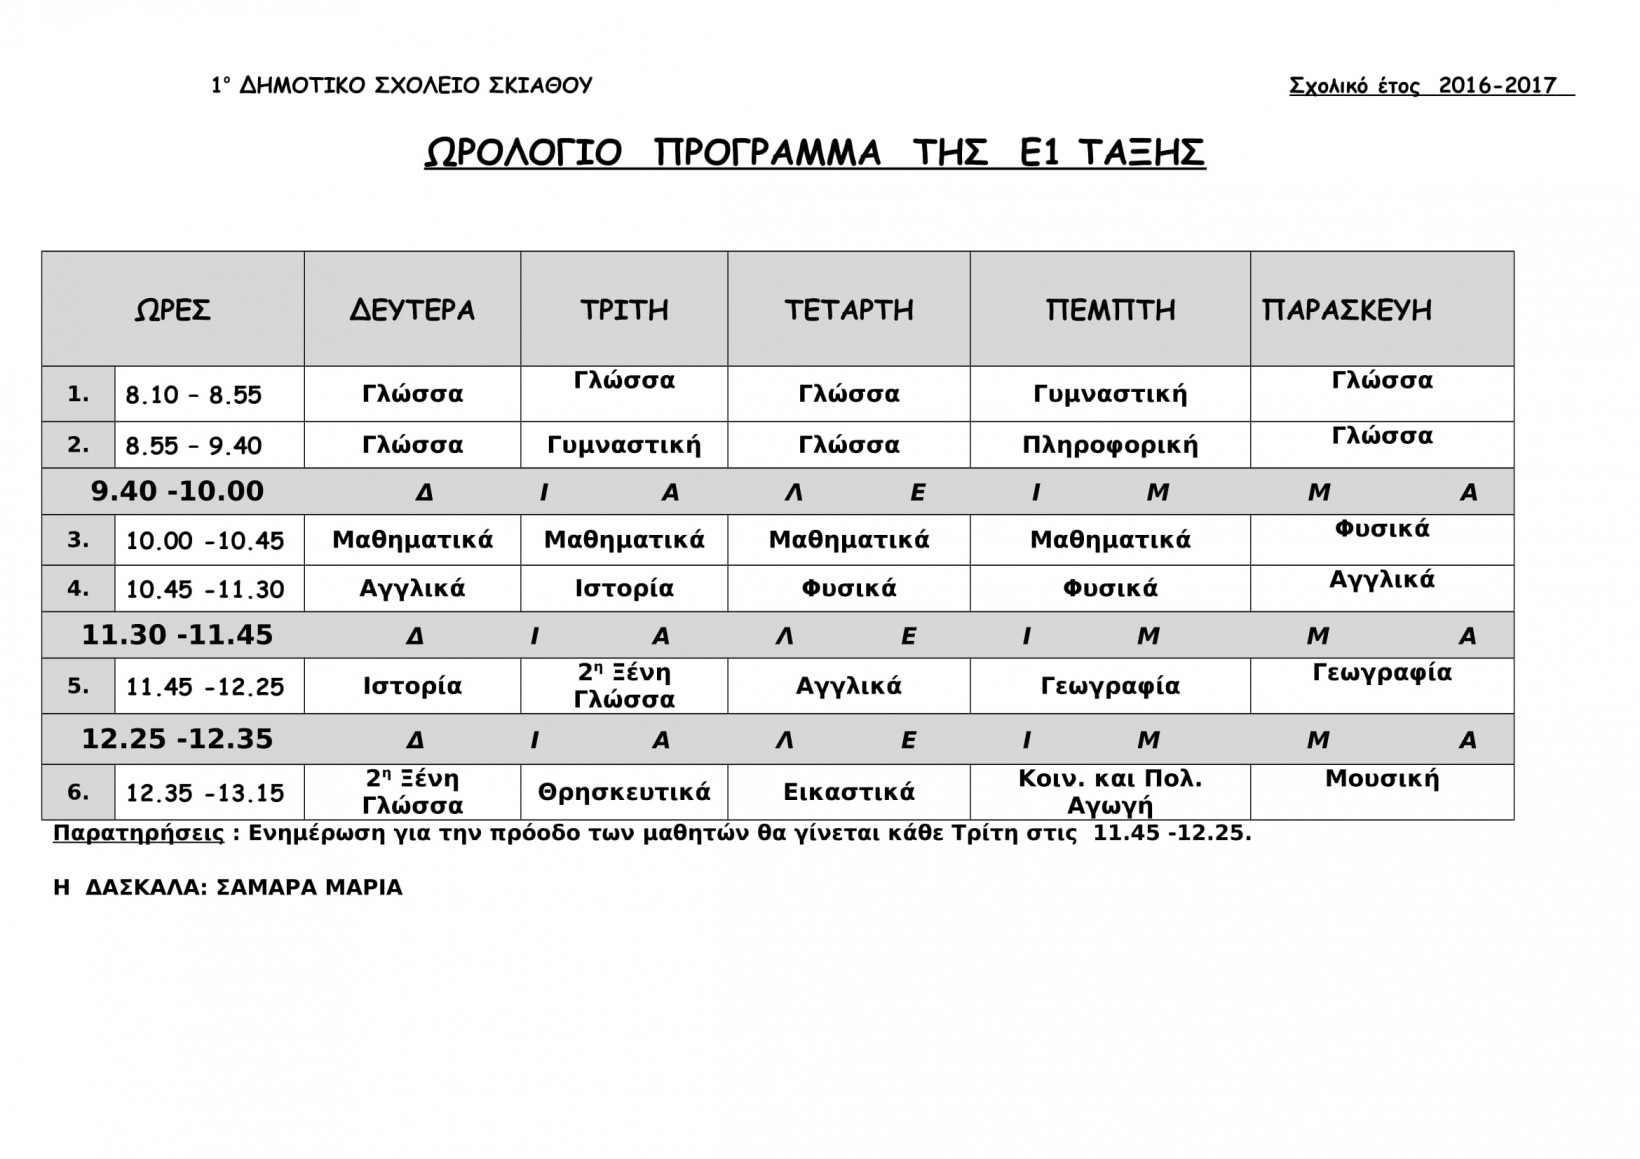 ΩΡΟΛΟΓΙΟ-ΠΡΟΓΡΑΜΜΑ-Ε11-1